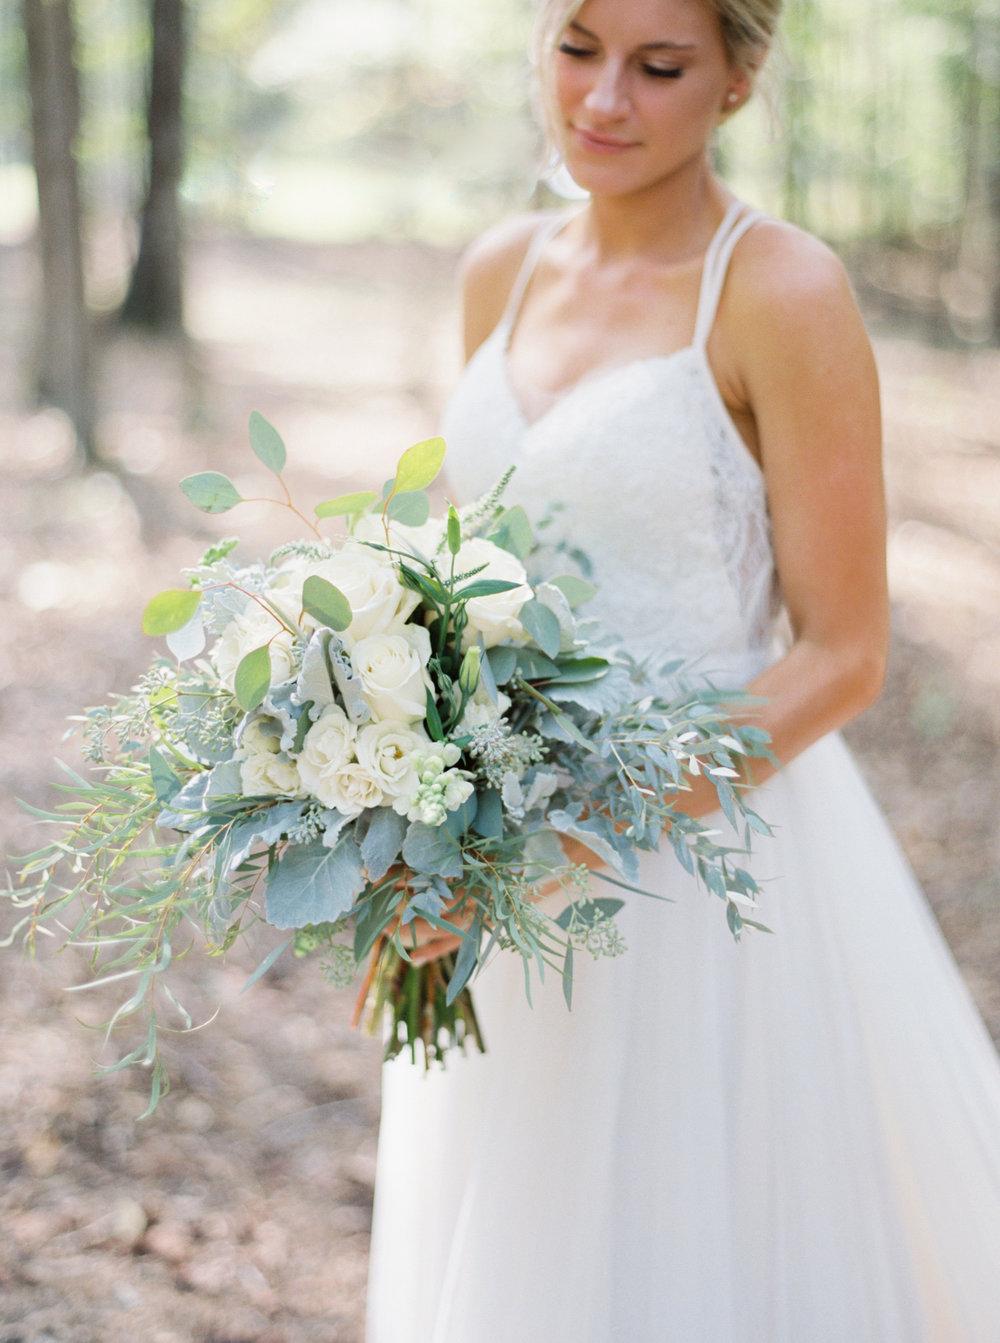 rebecca and corbin wedding-bride bridesmaids-0036.jpg